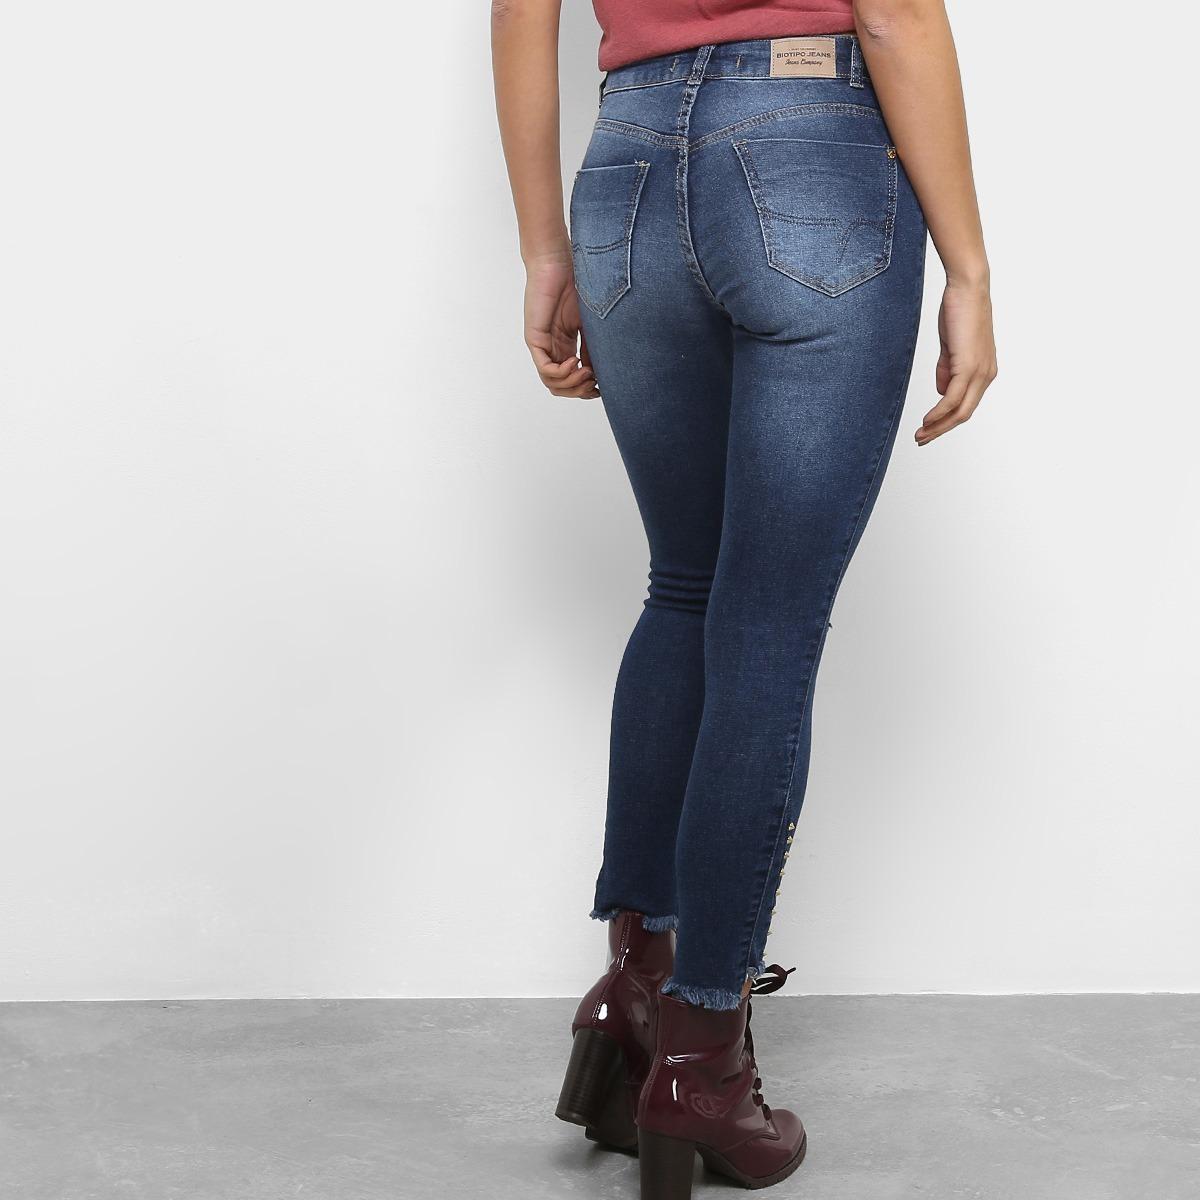 99c2d37ef calça jeans feminina skinny destroyed biotipo original. Carregando zoom.